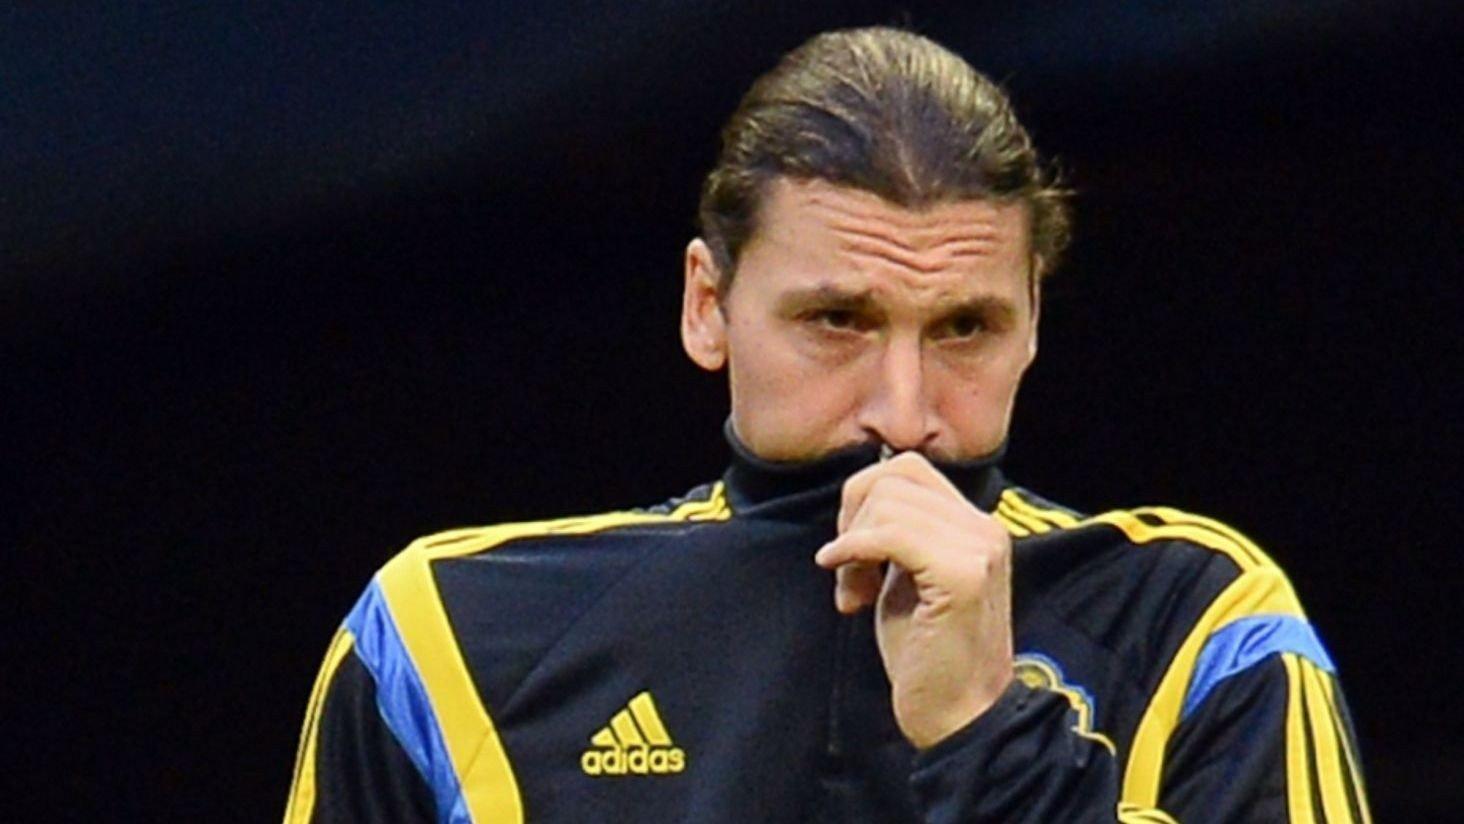 SKADETRØBBEL: Både Sverige og PSG vil lide dersom Zlatan Ibrahimovic settes ut av spill i lang tid.